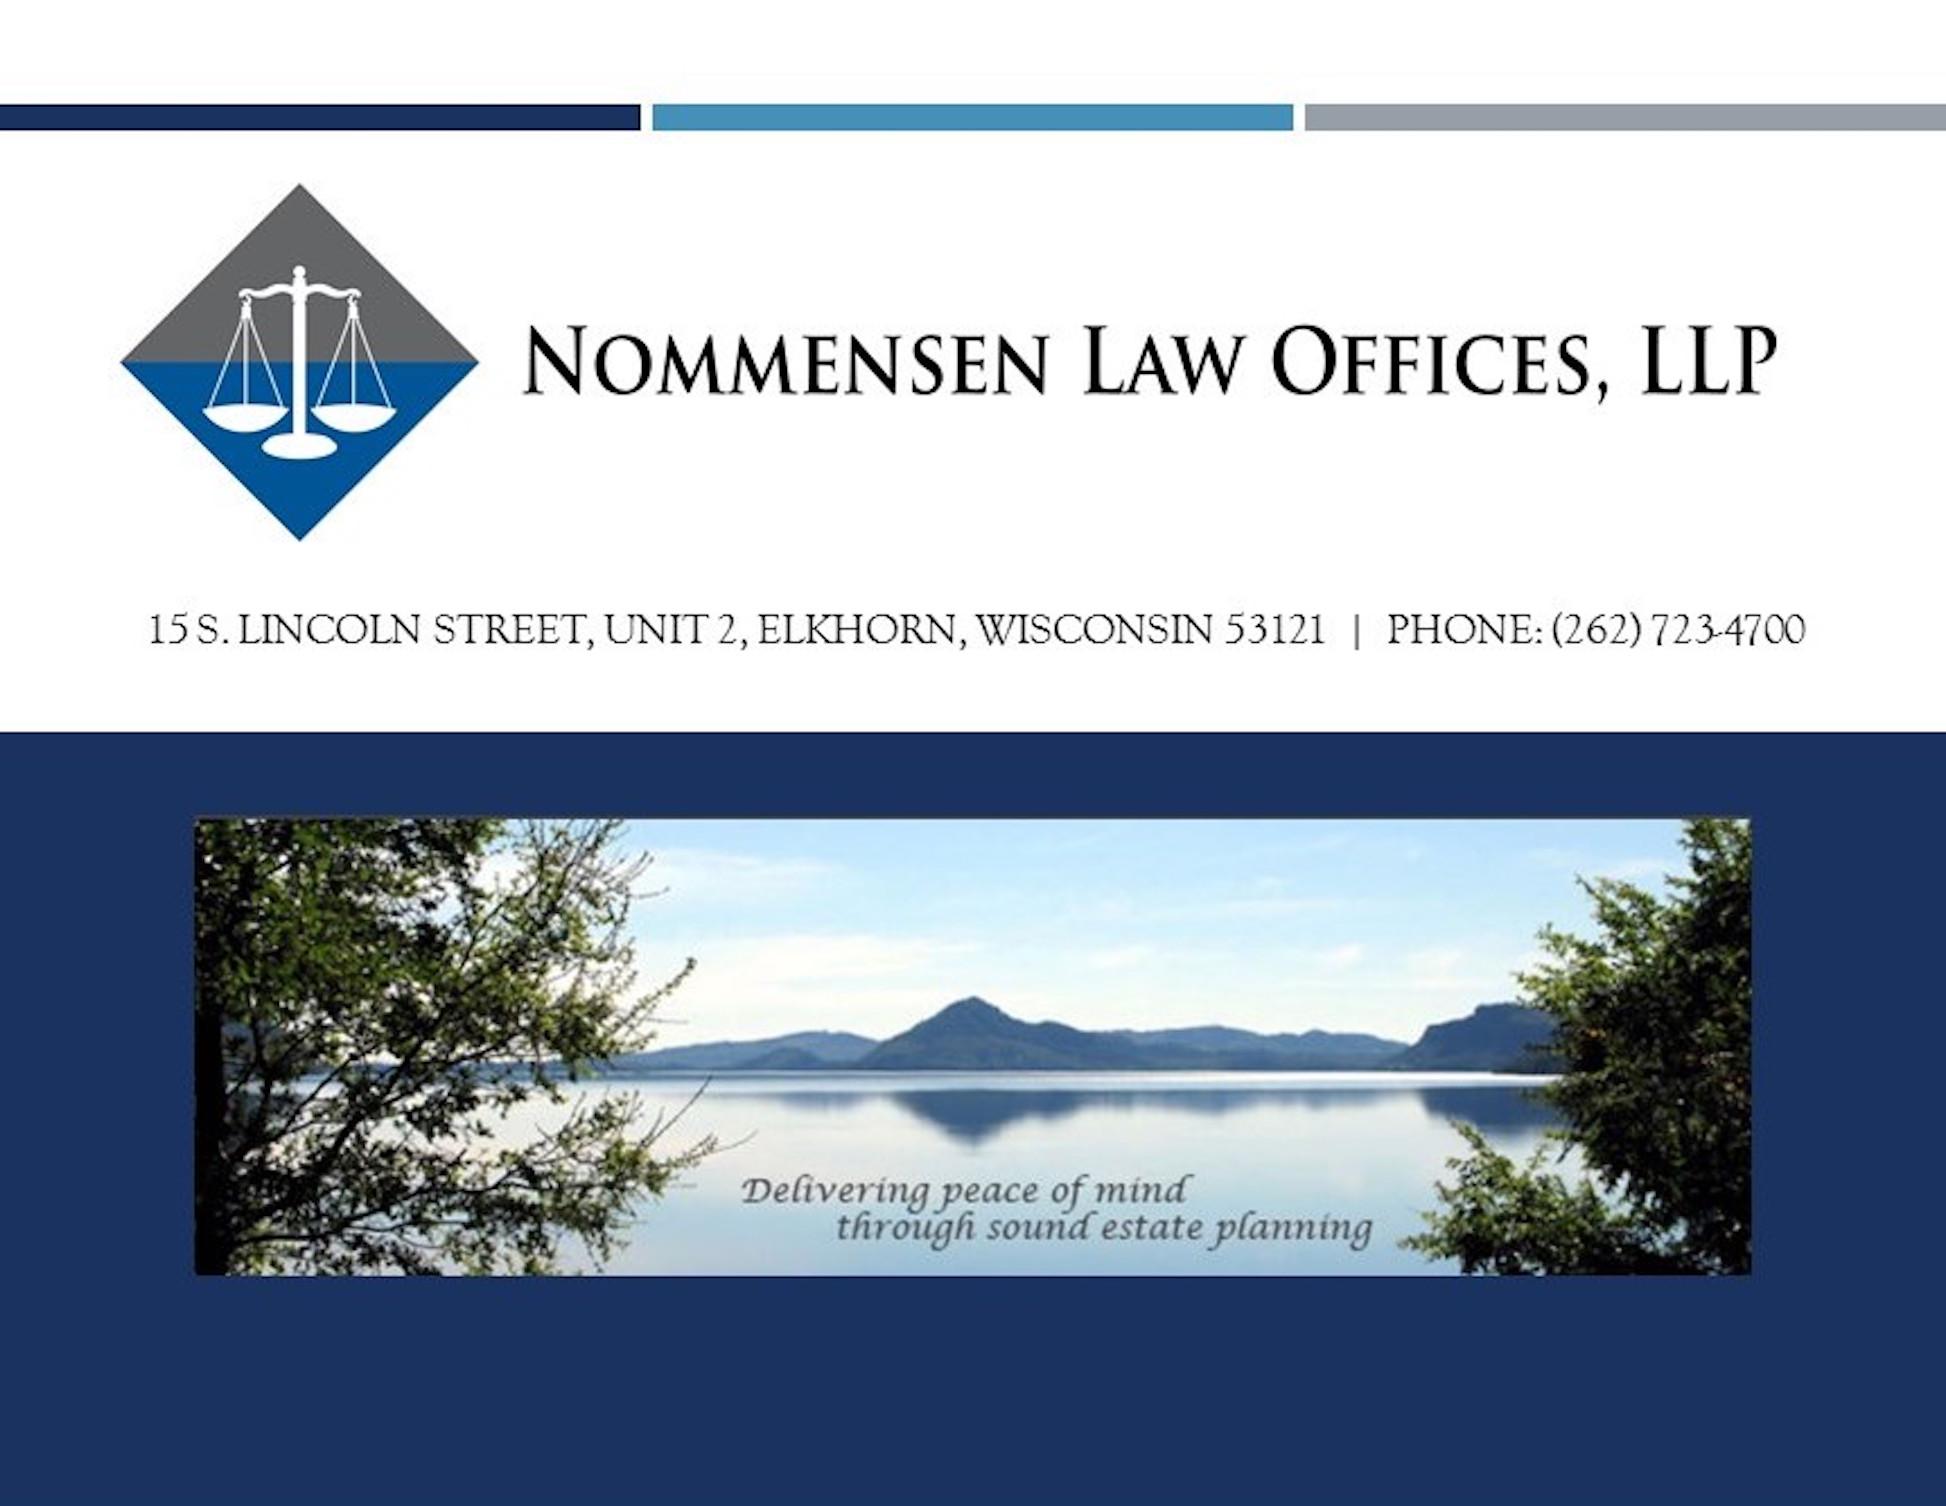 Nommensen Law